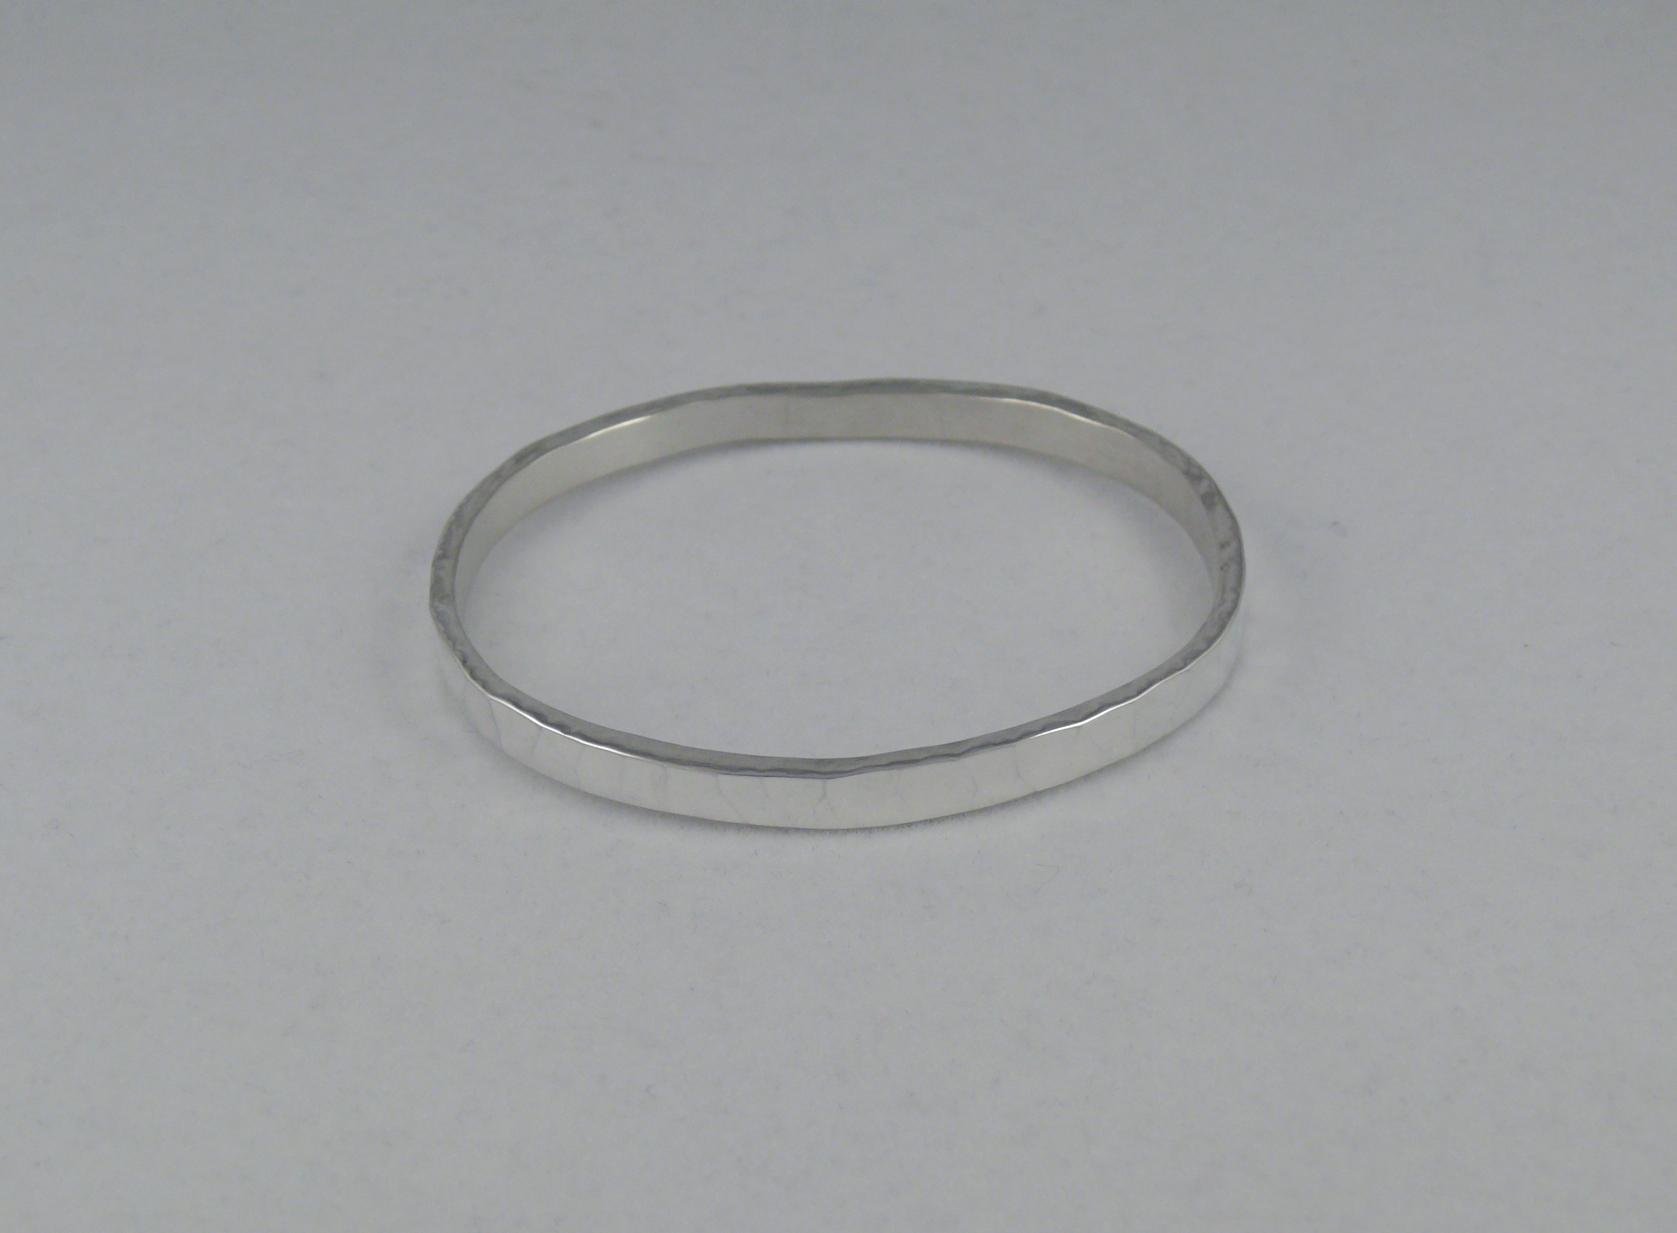 Hammered Bangle Bracelet